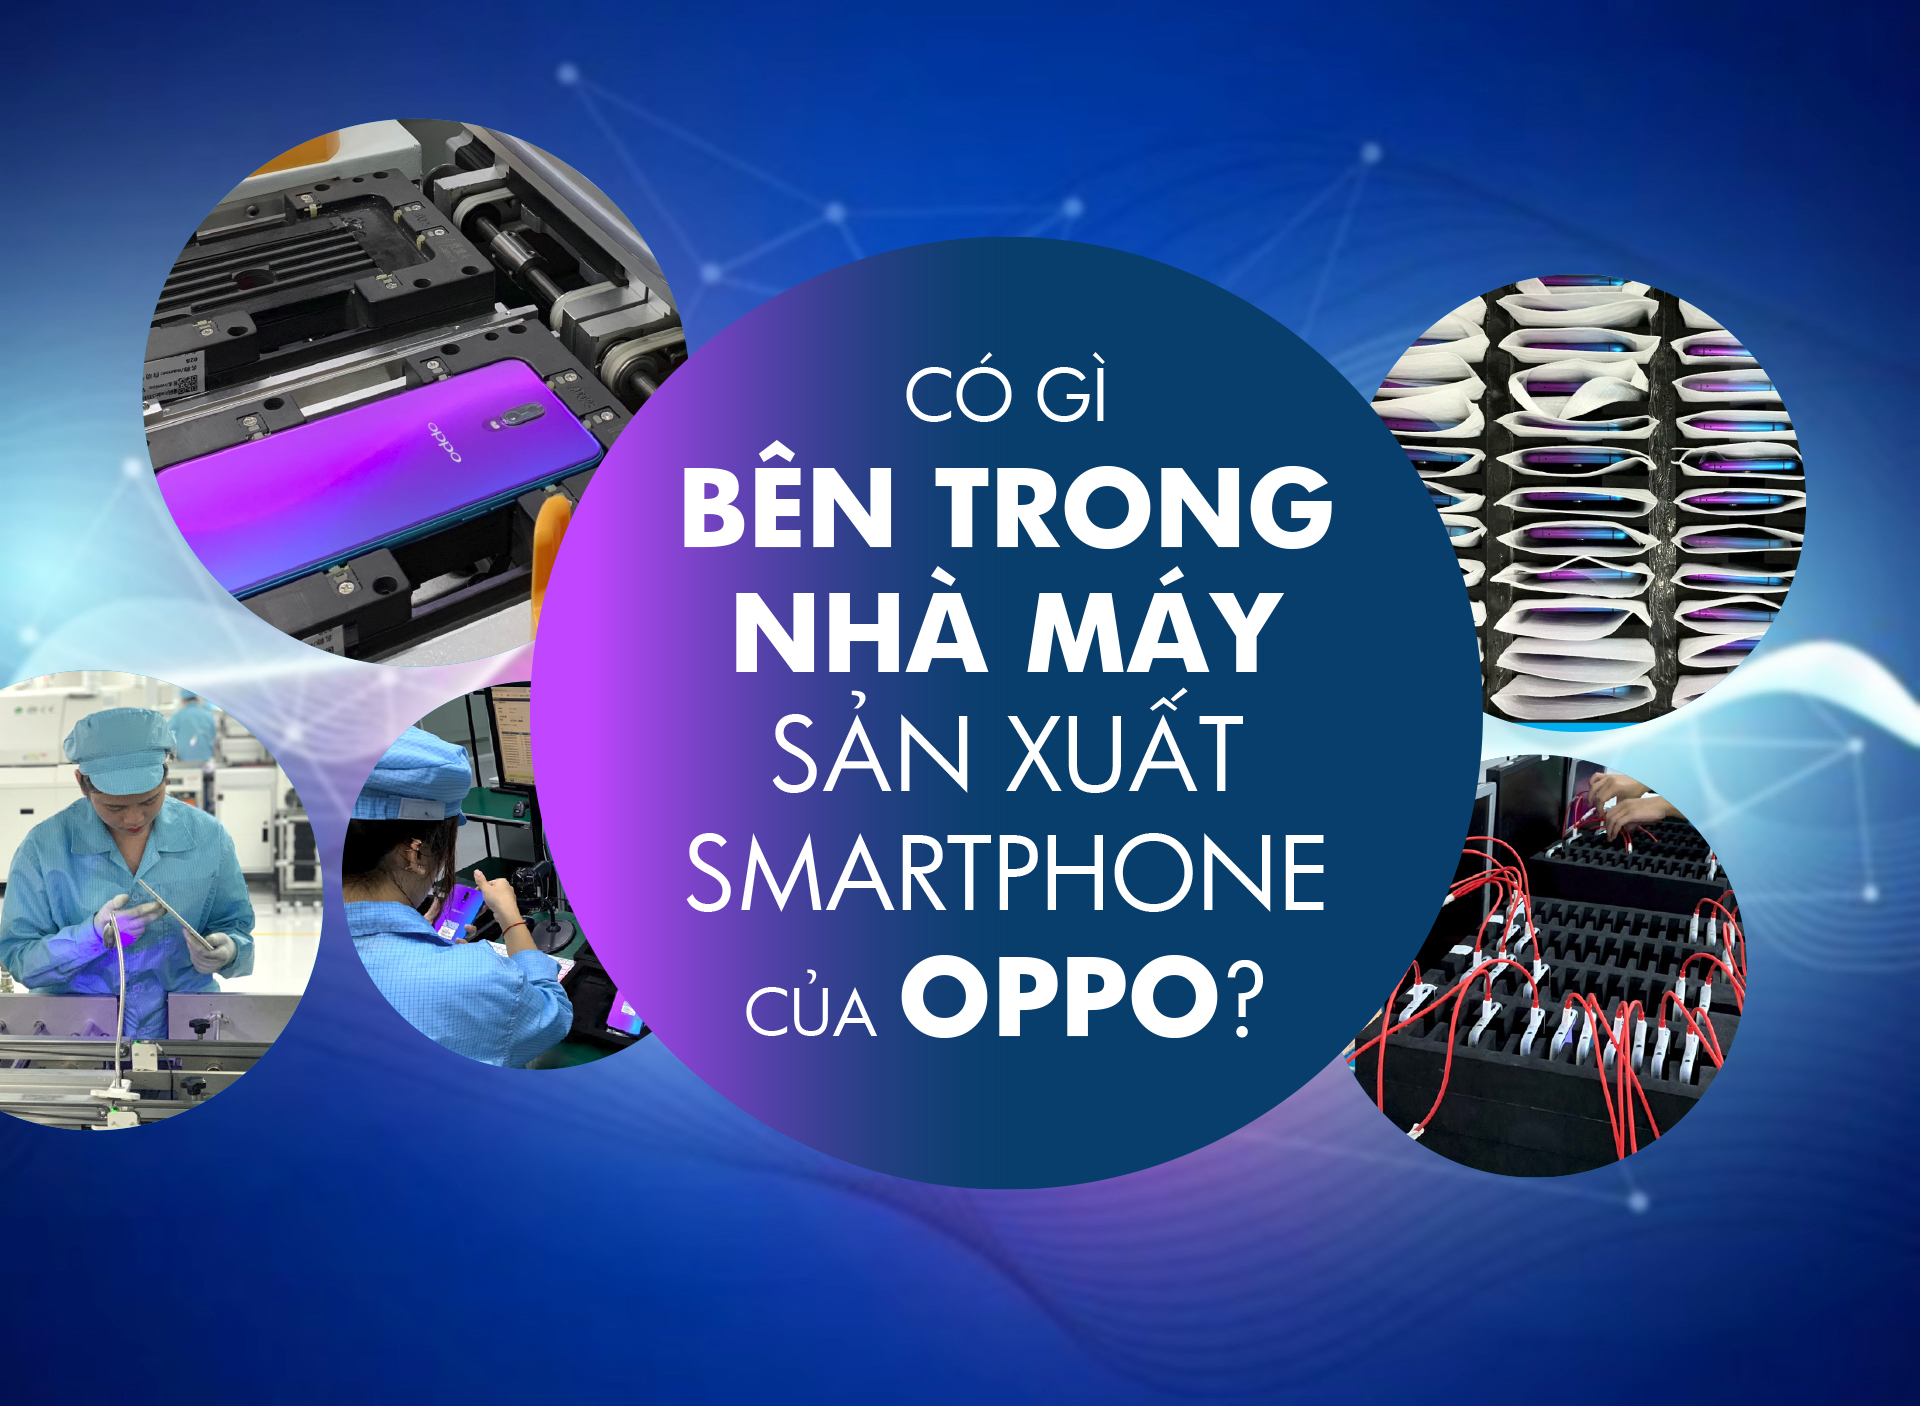 Có gì bên trong nhà máy sản xuất smartphone của OPPO?